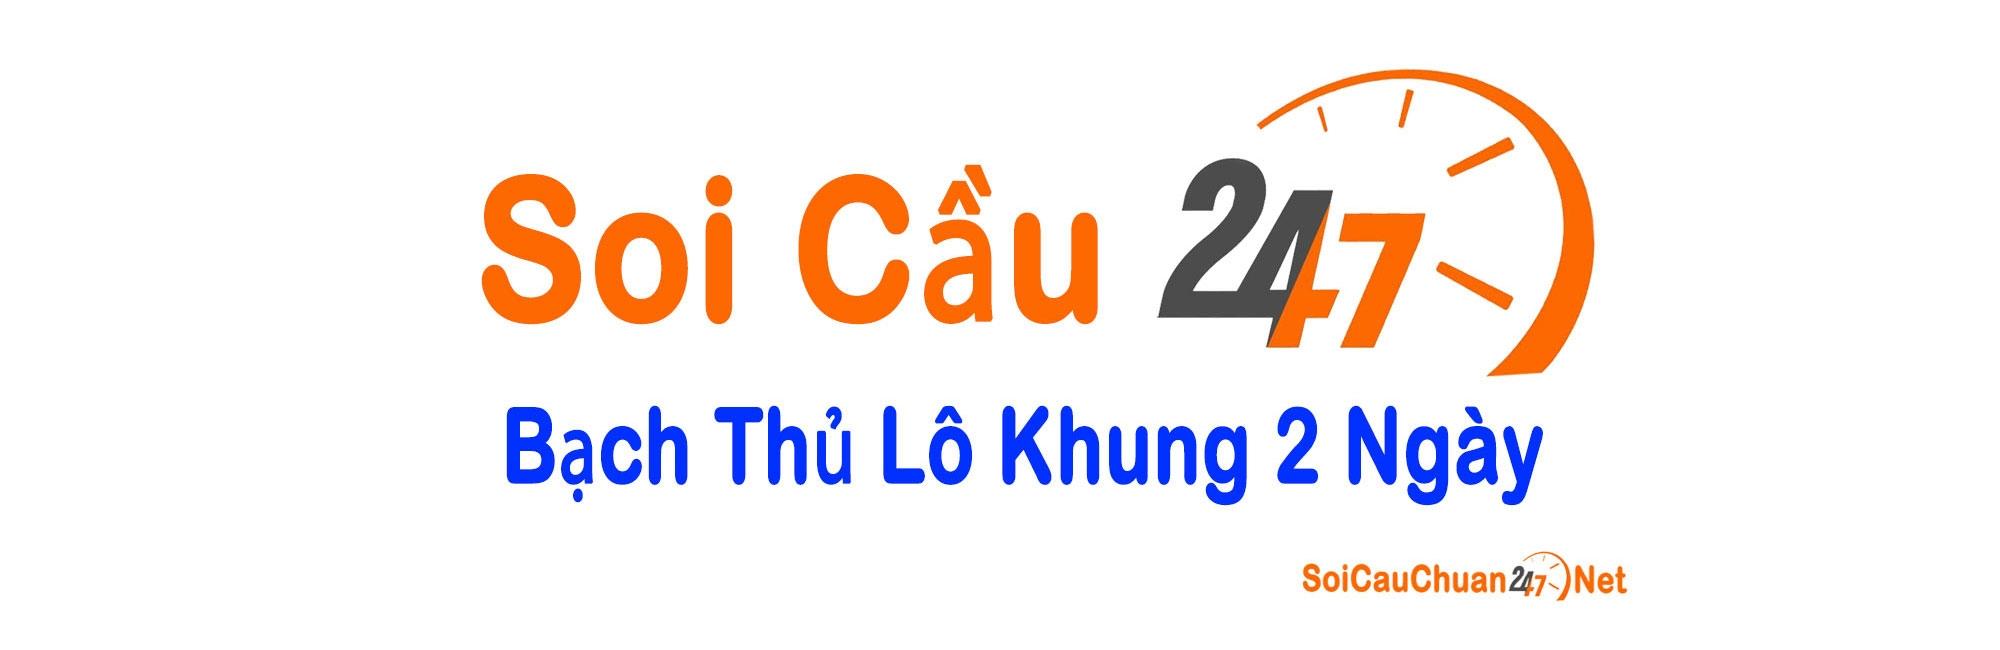 Bạch Thủ Nuôi Khung 2 Ngày (@bachthulokhung2ngay) Cover Image